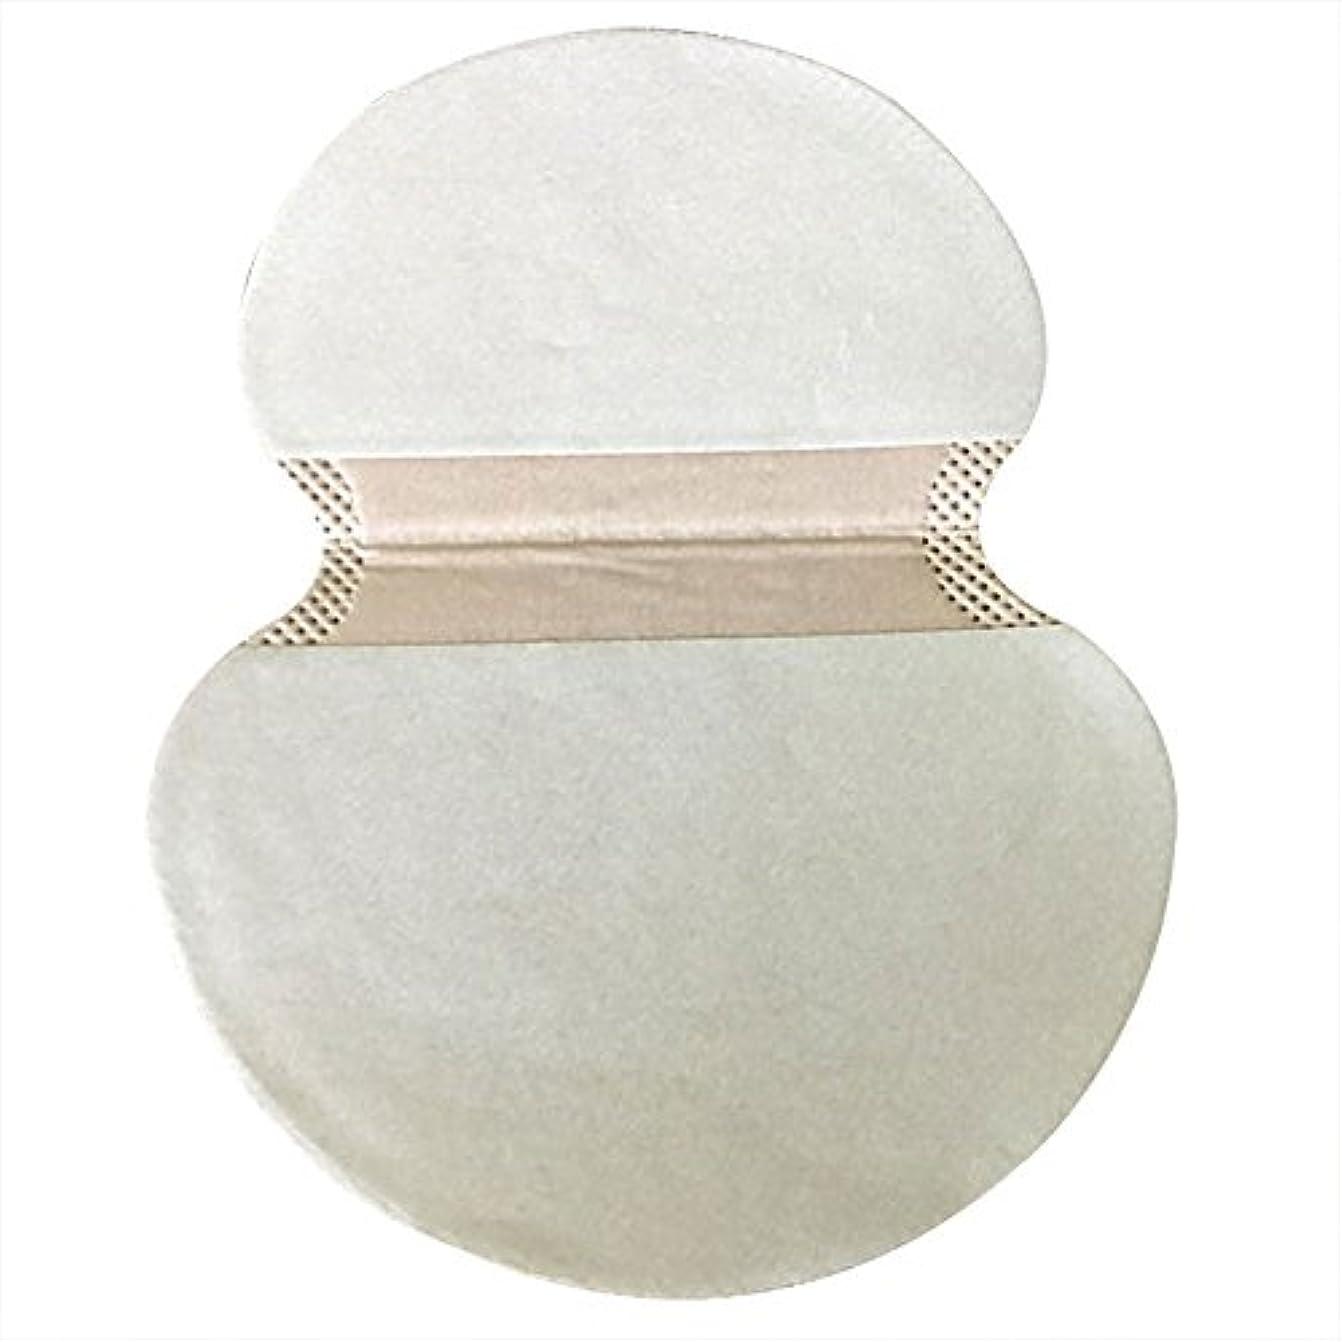 カジュアル独立してご意見kiirou 汗取りパッド わき汗パット 10枚セット さらさら あせジミ防止 防臭シート 無香料 メンズ レディース 大きめ